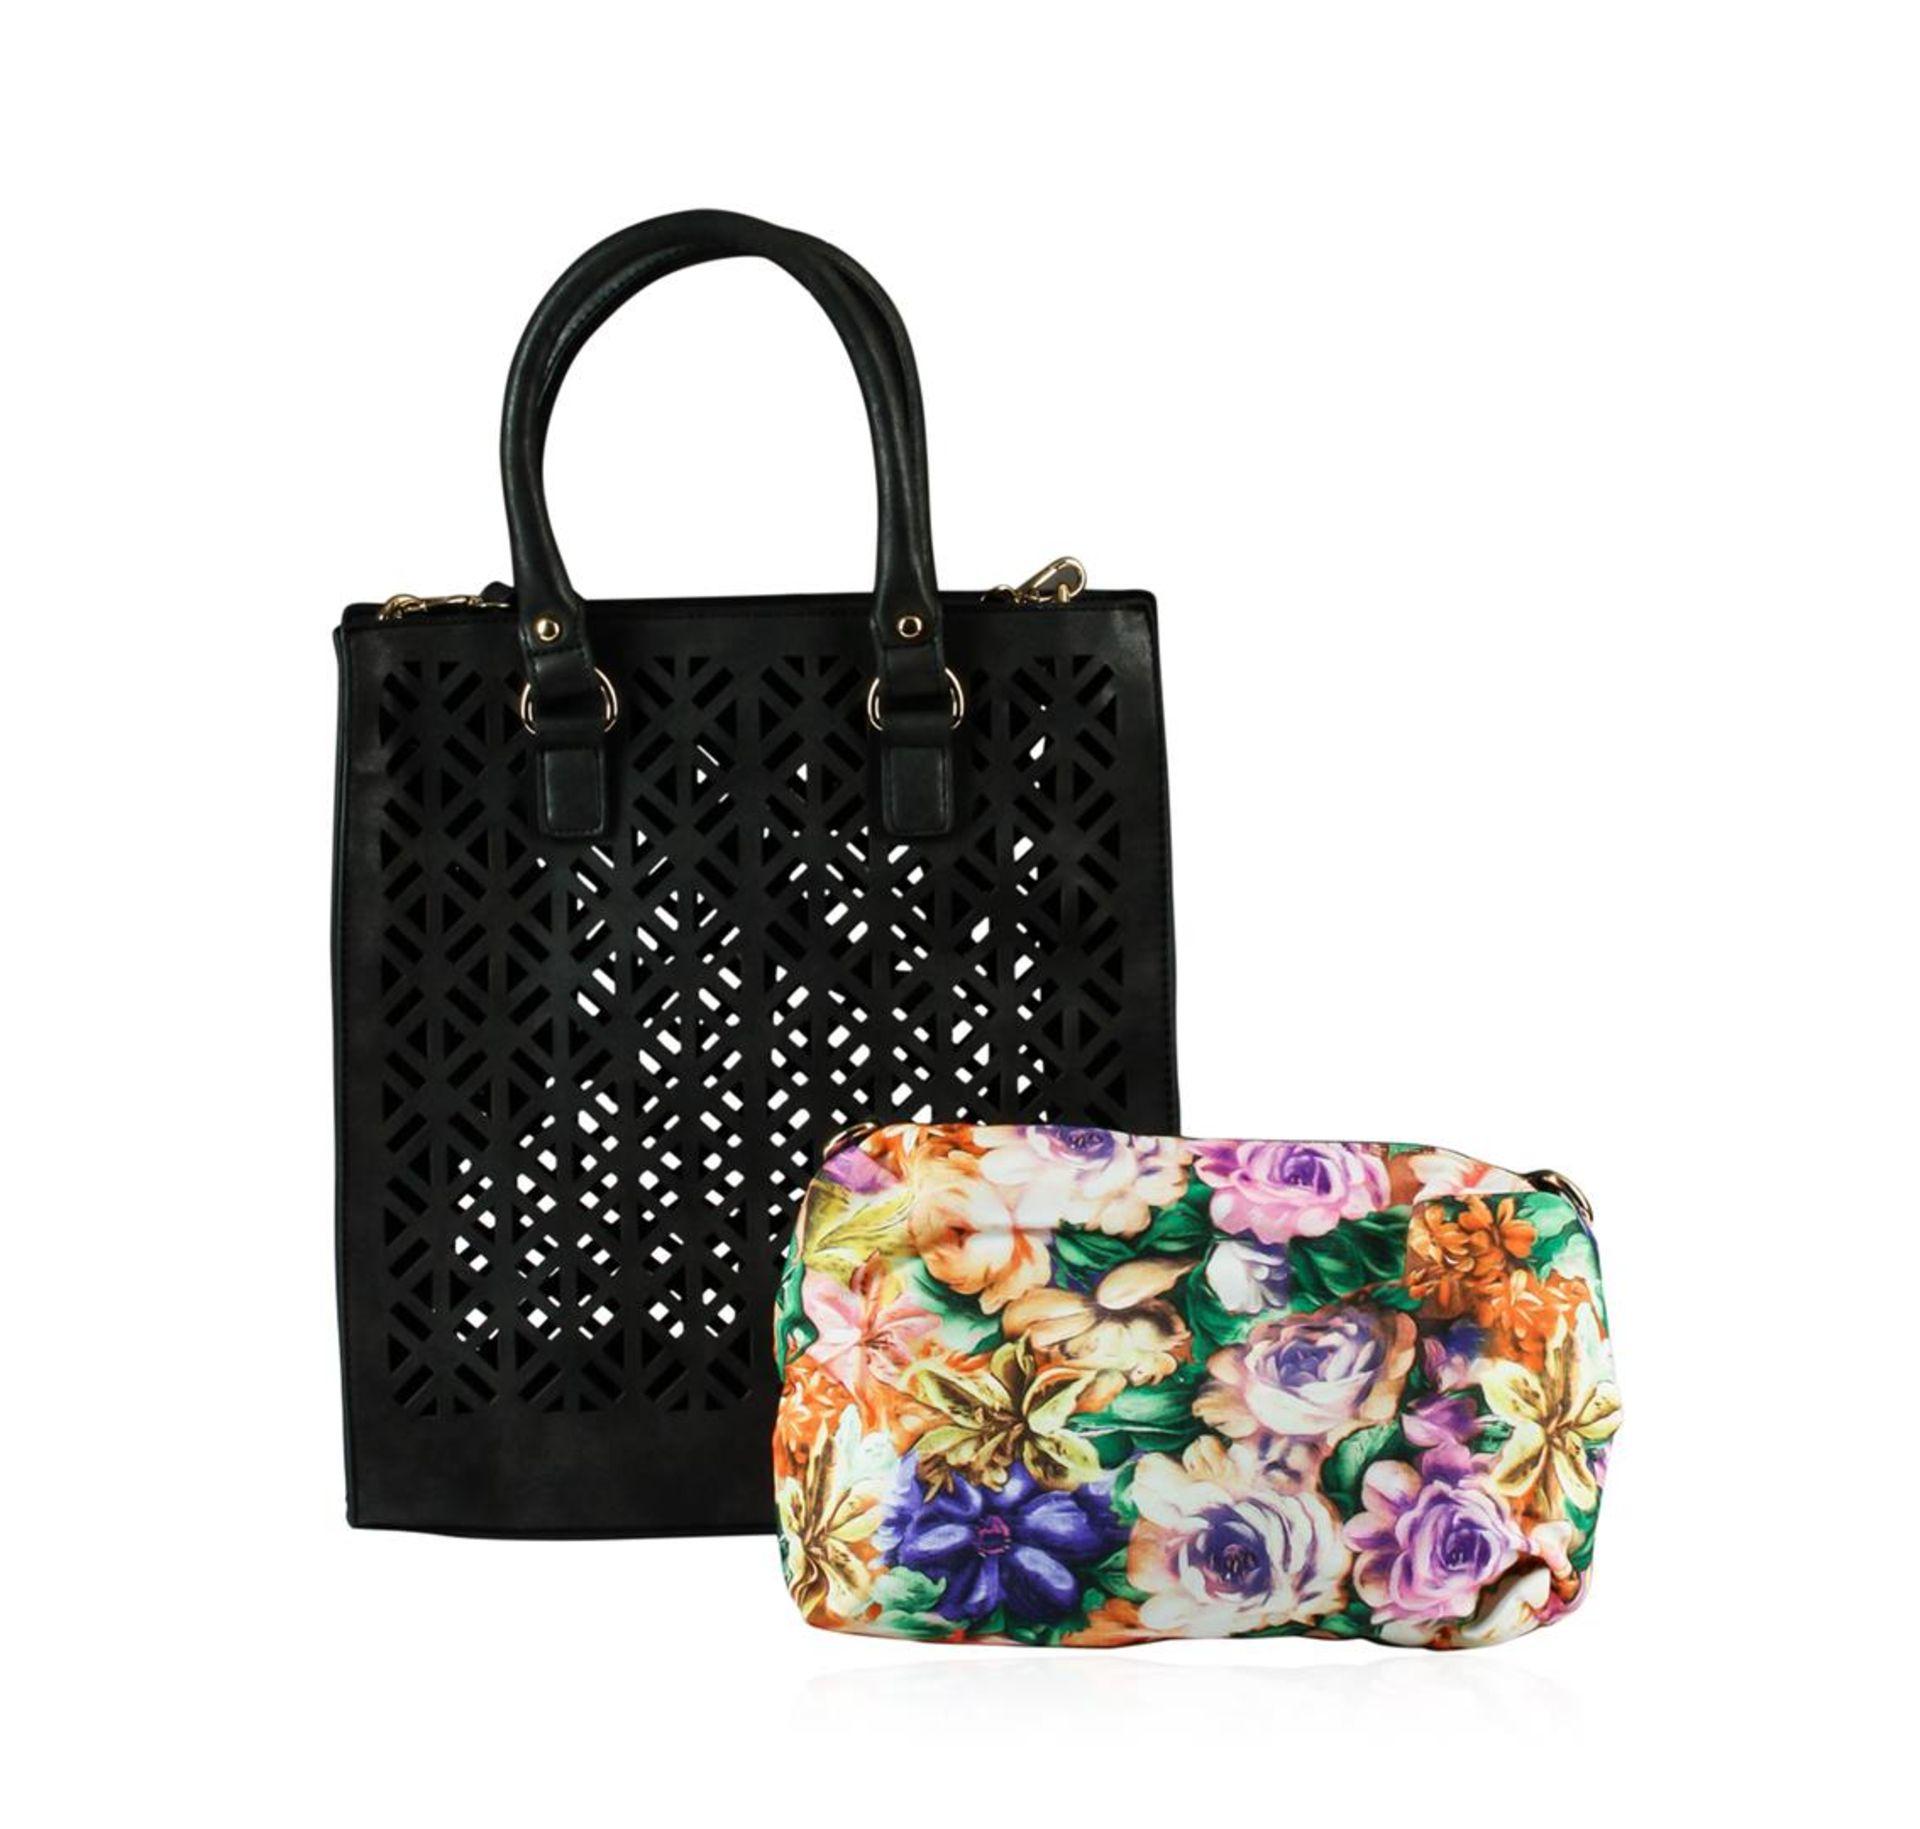 Black Roco Handbag - Image 2 of 2